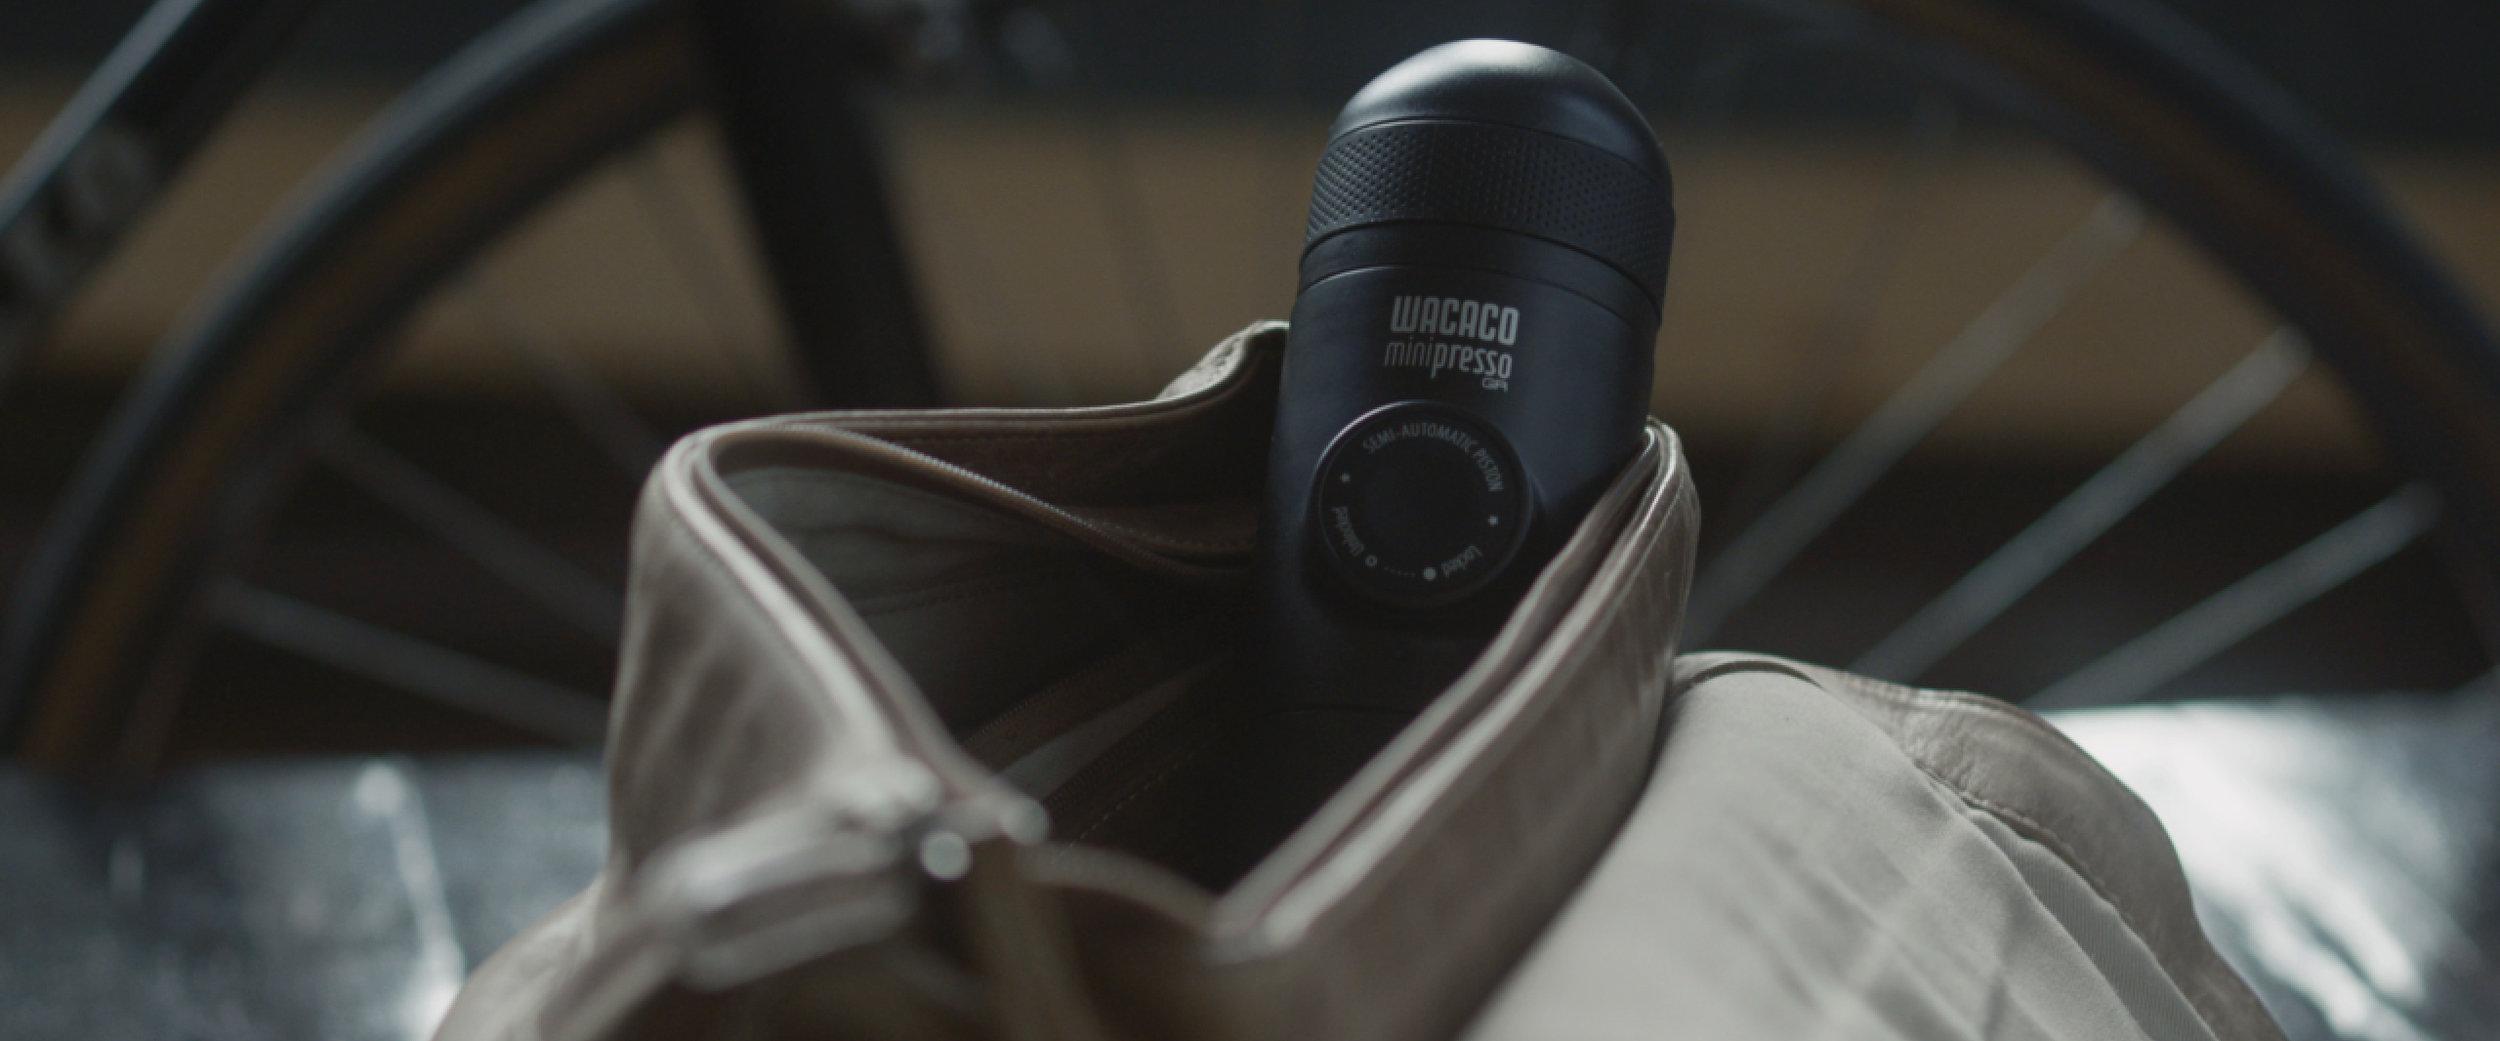 Minipresso still widescreenLarge2.jpg